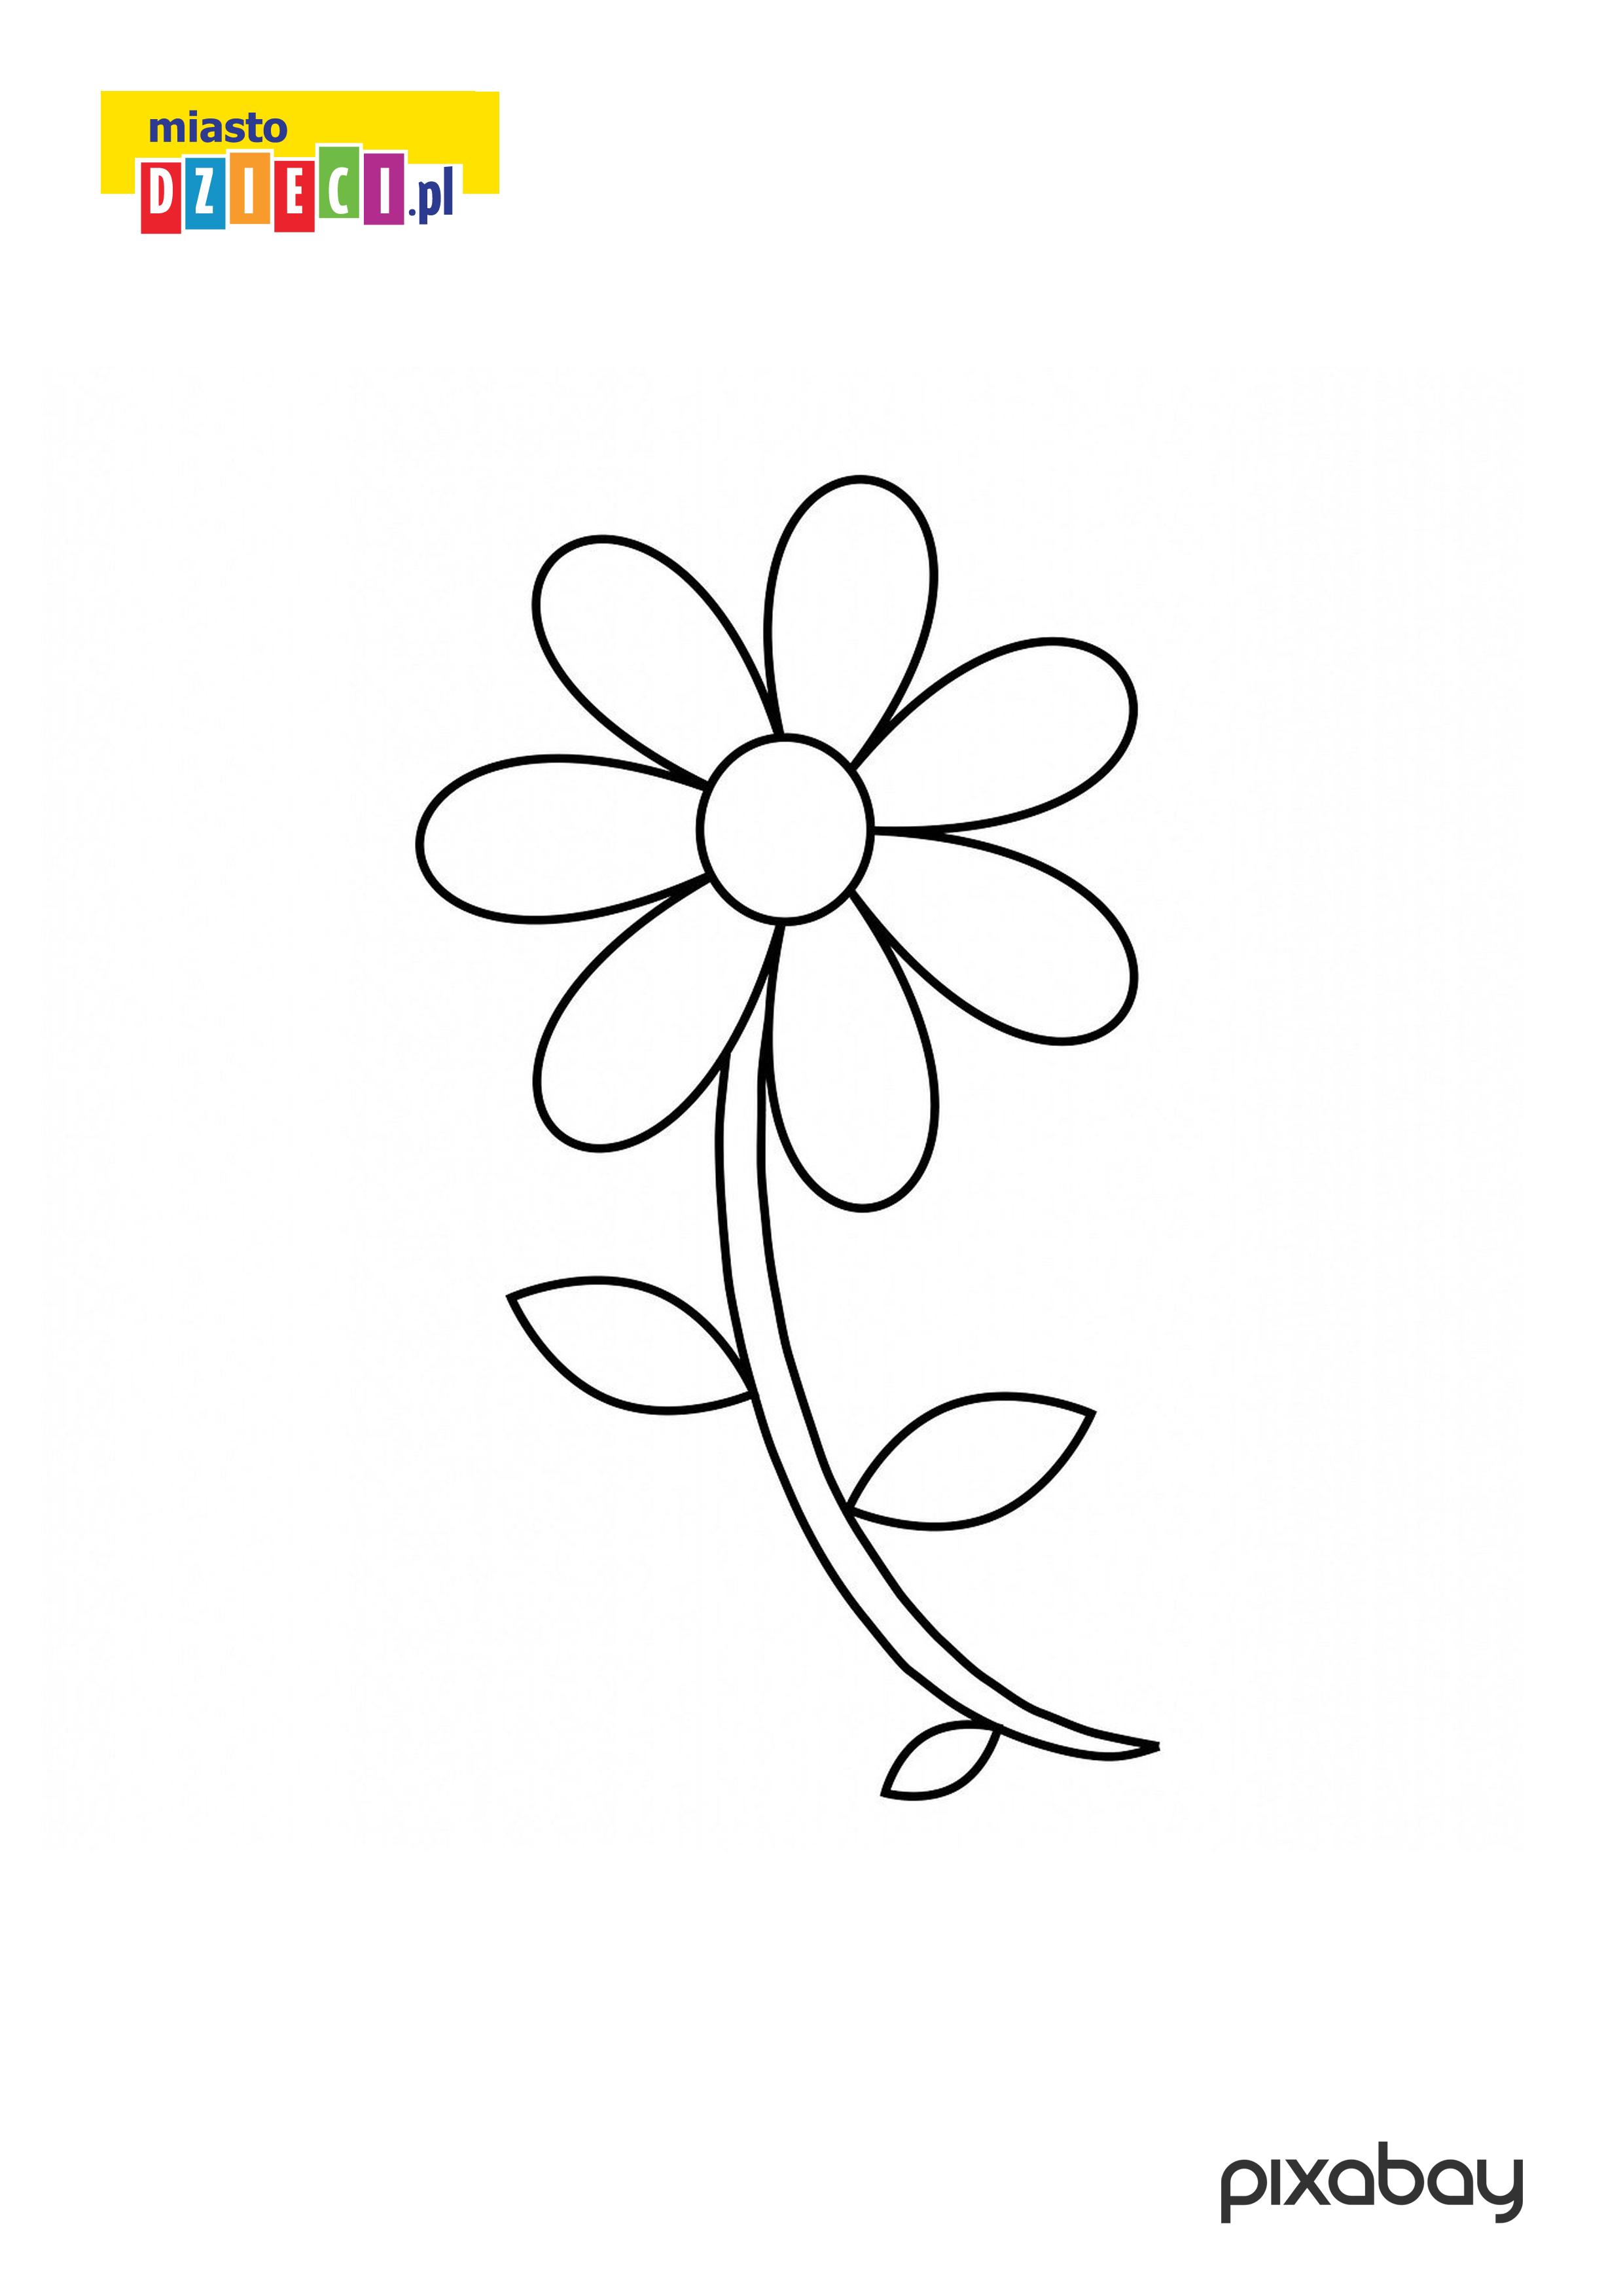 Kwiatek Kolorowanka Do Druku Dla Malych Dzieci Darmowe Malowanki Online Z Kwiatami Owocami Warzywami Miastodzieci Pl